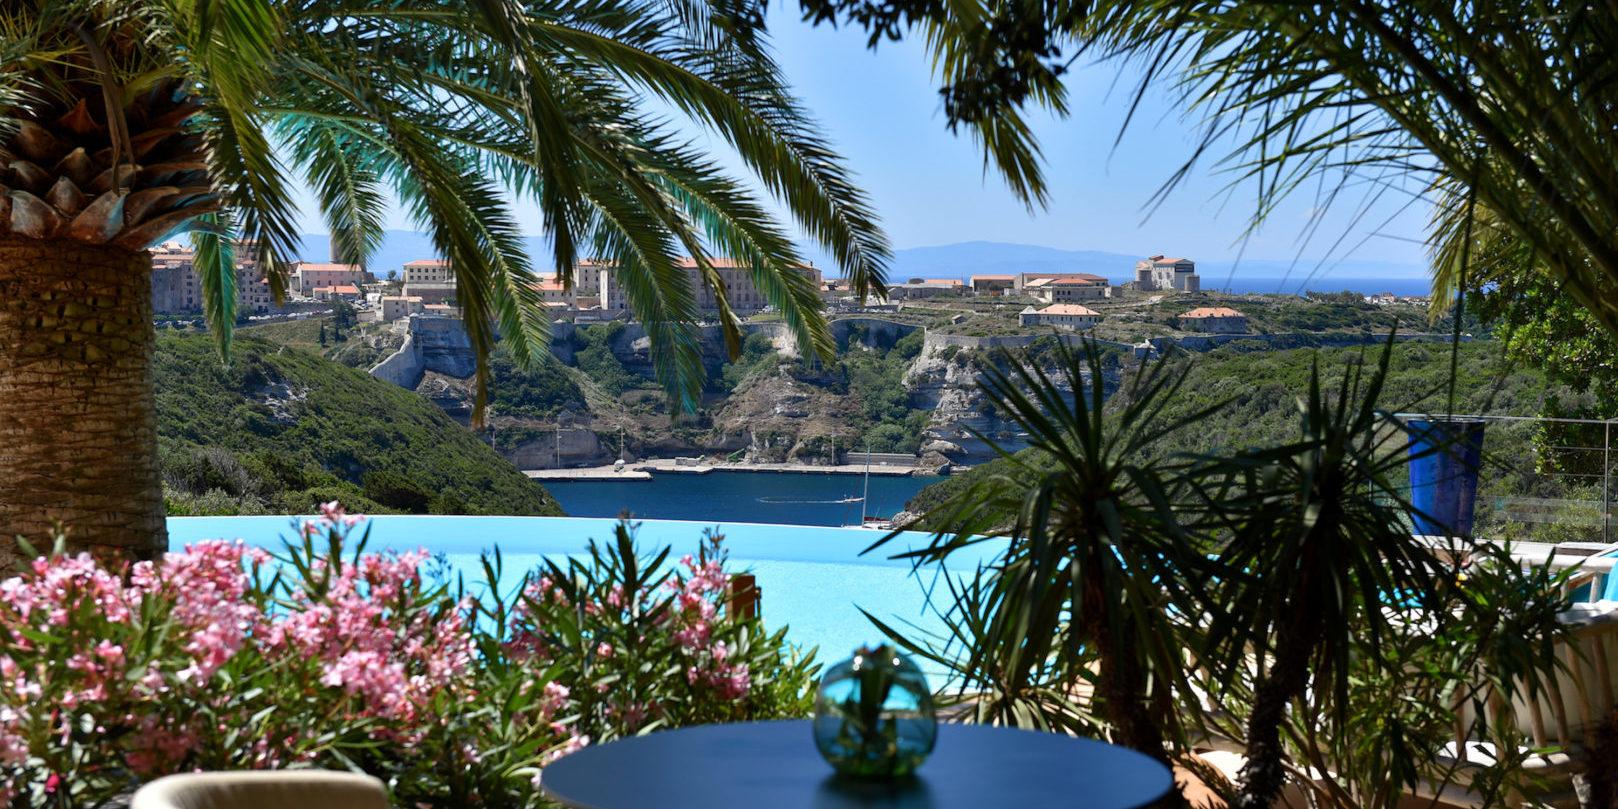 Hotel Cala di Greco Bonifacio Corsica Zuid-Corsica Frankrijk terras bar zicht-op-Bonifacio